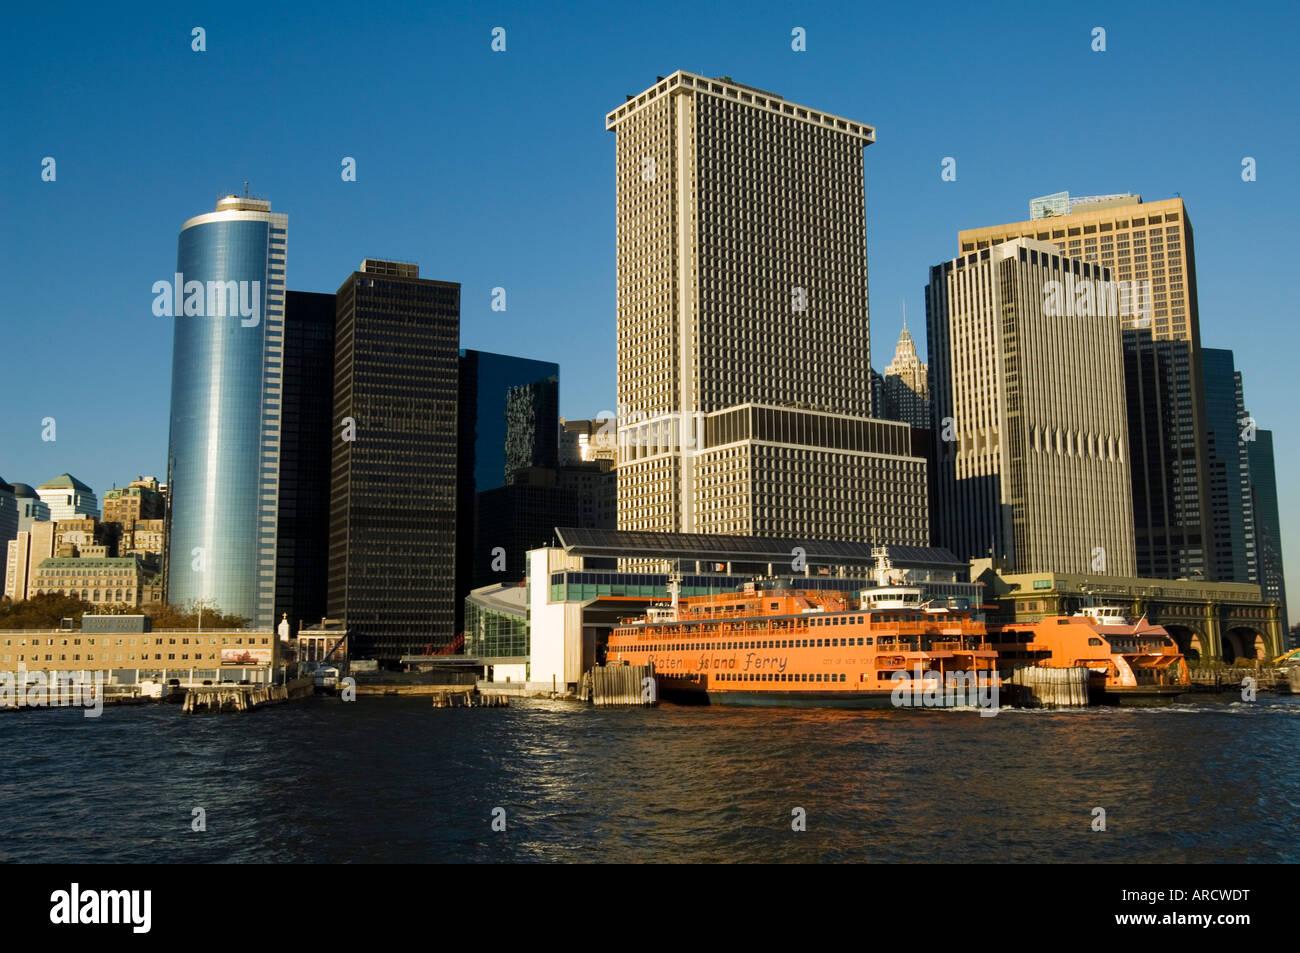 La Staten Island Ferry, il quartiere degli affari, la parte inferiore di Manhattan, New York New York, Stati Uniti Immagini Stock